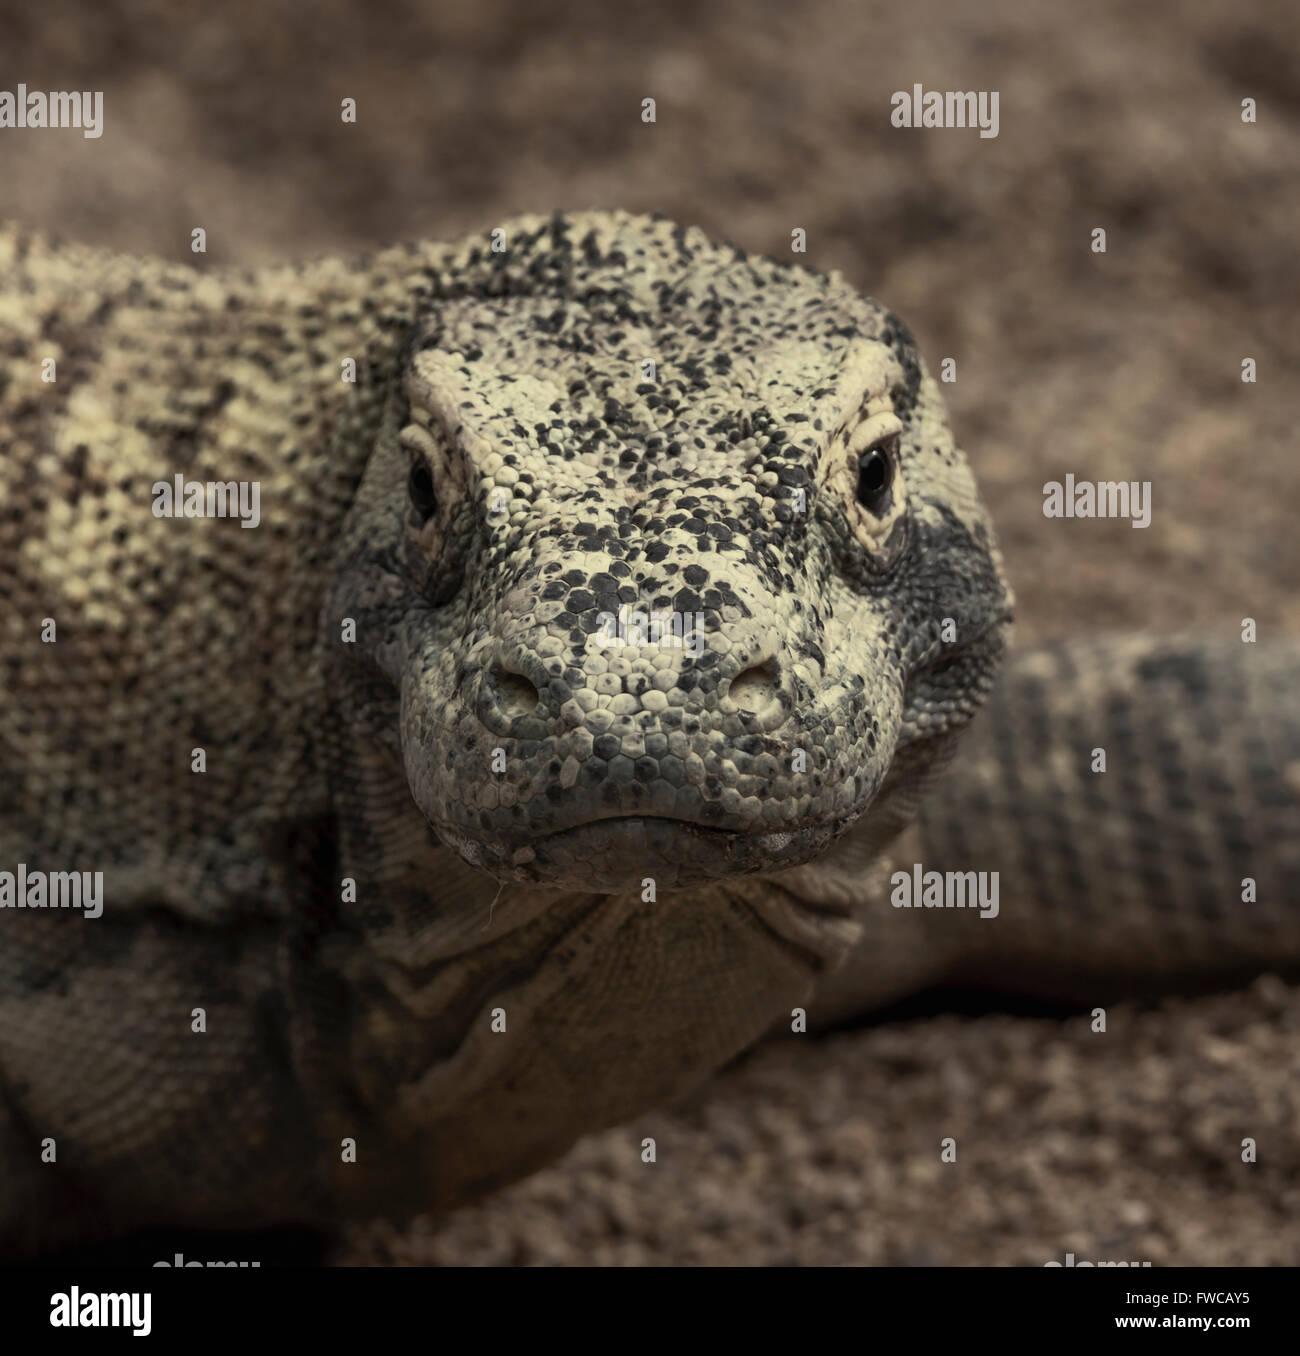 El dragón de Komodo, o monitor (Varanus komodoensis). El lagarto gigante encontrada en varias islas de Indonesia. Imagen De Stock